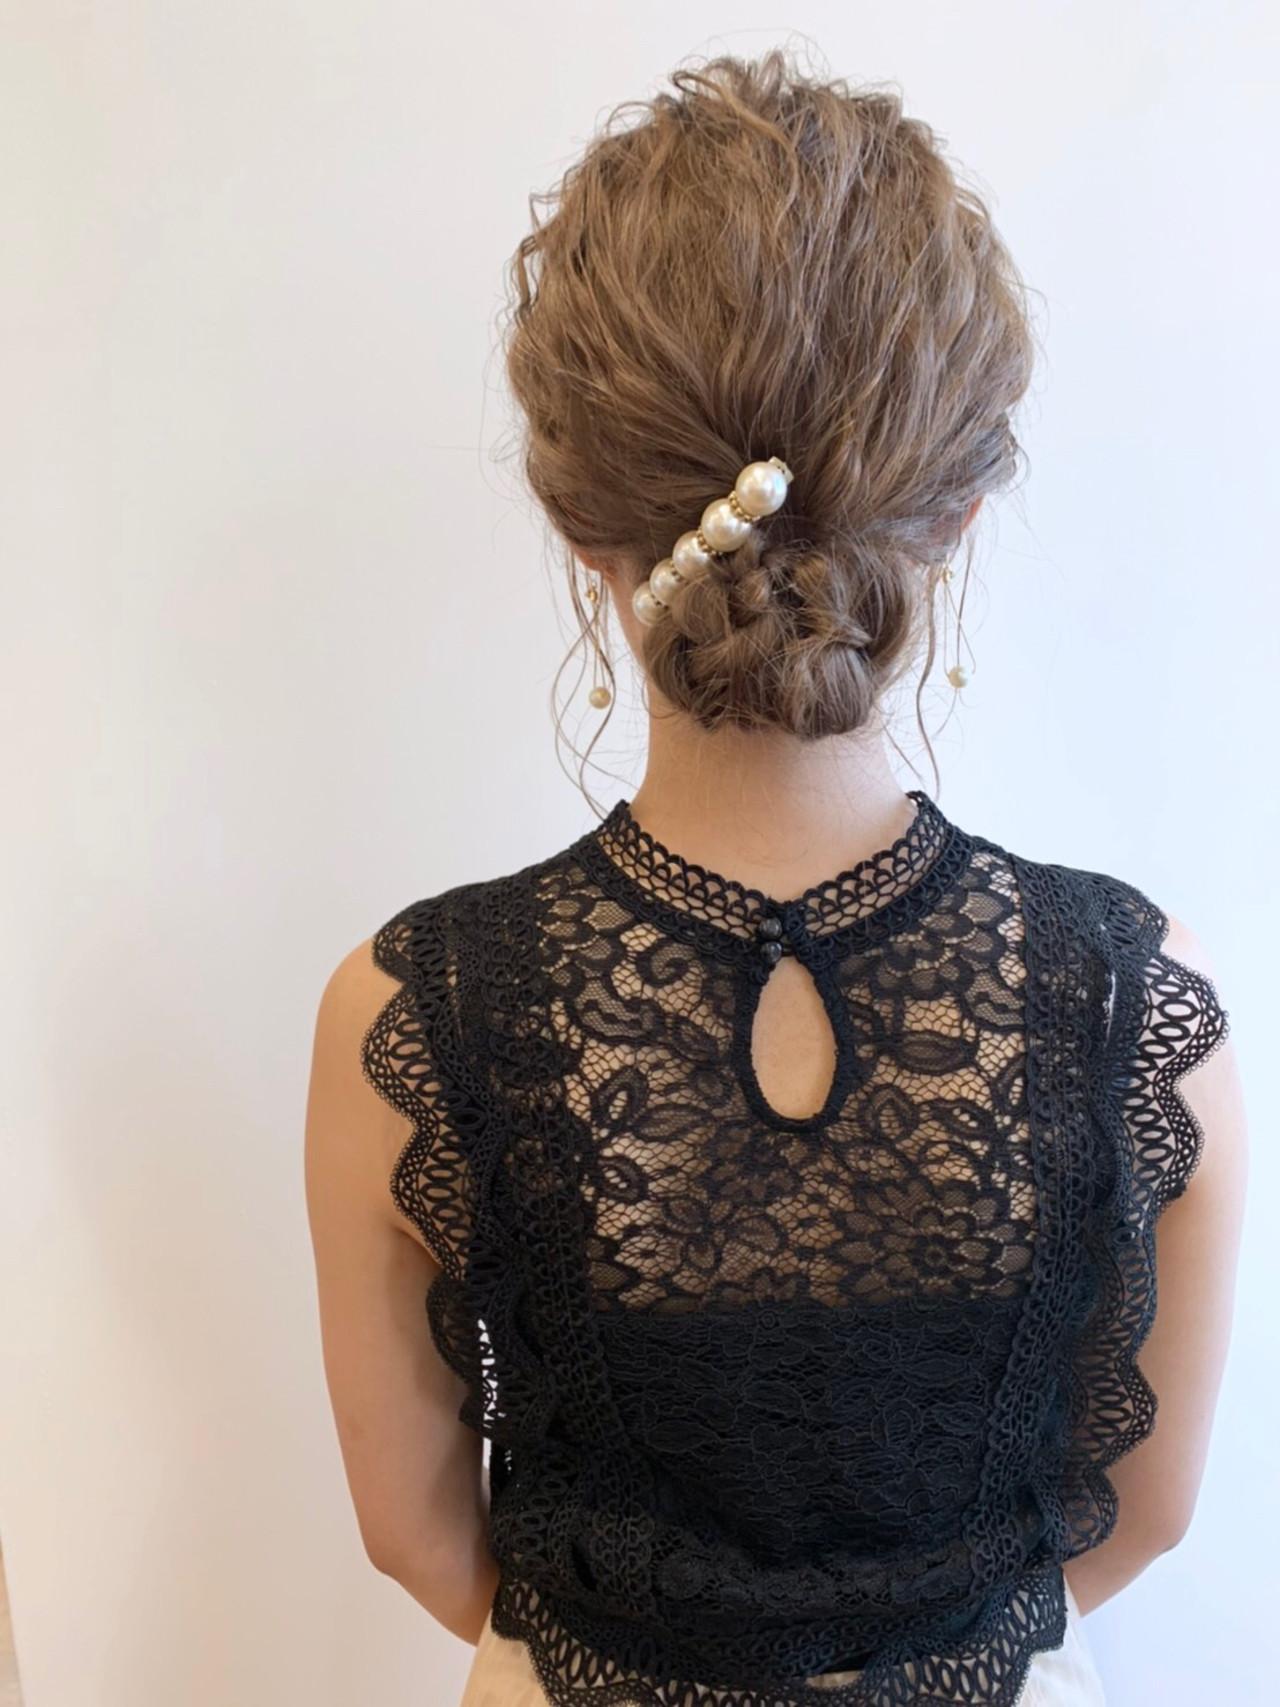 ヘアアレンジ ミディアム ヘアセット ブライダル ヘアスタイルや髪型の写真・画像